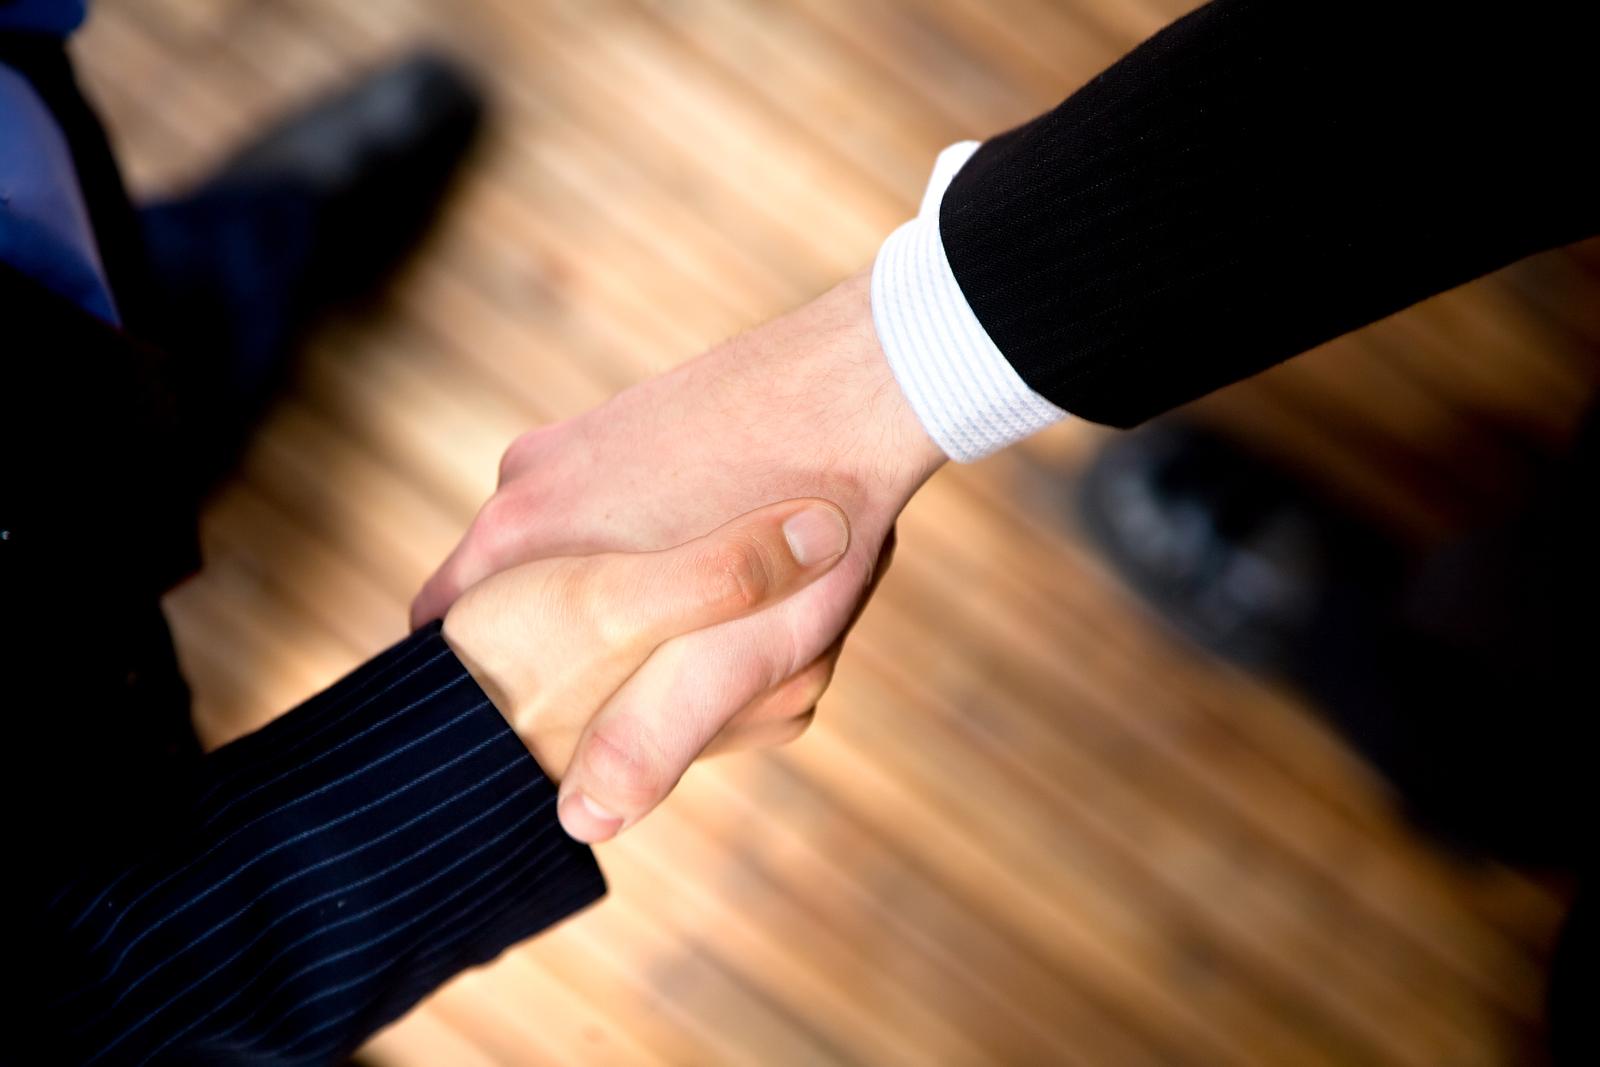 bigstock-Business-Handshake-2033677.jpg